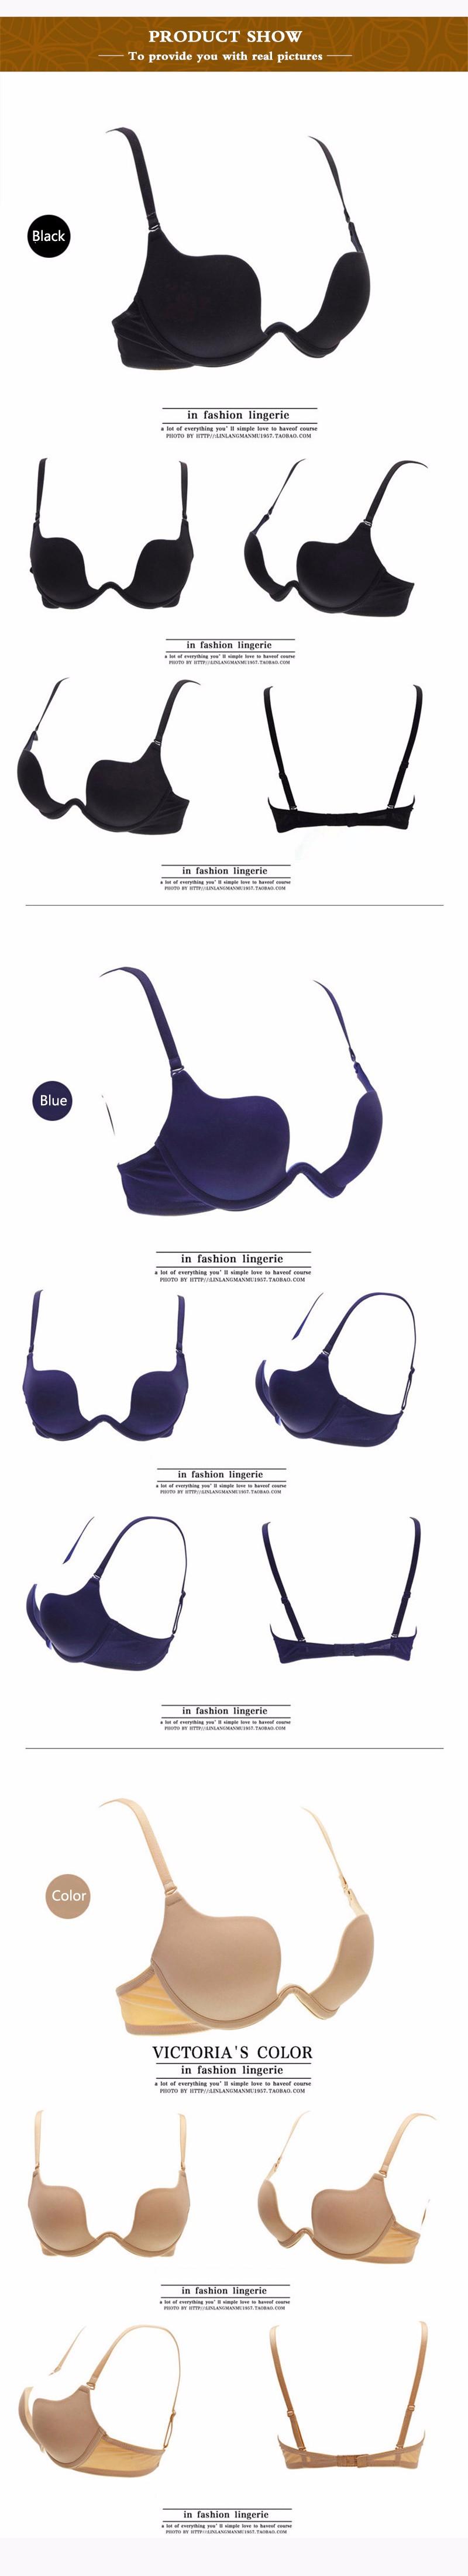 Multifunktsionaalsed rinnahoidjad – 7 värvi